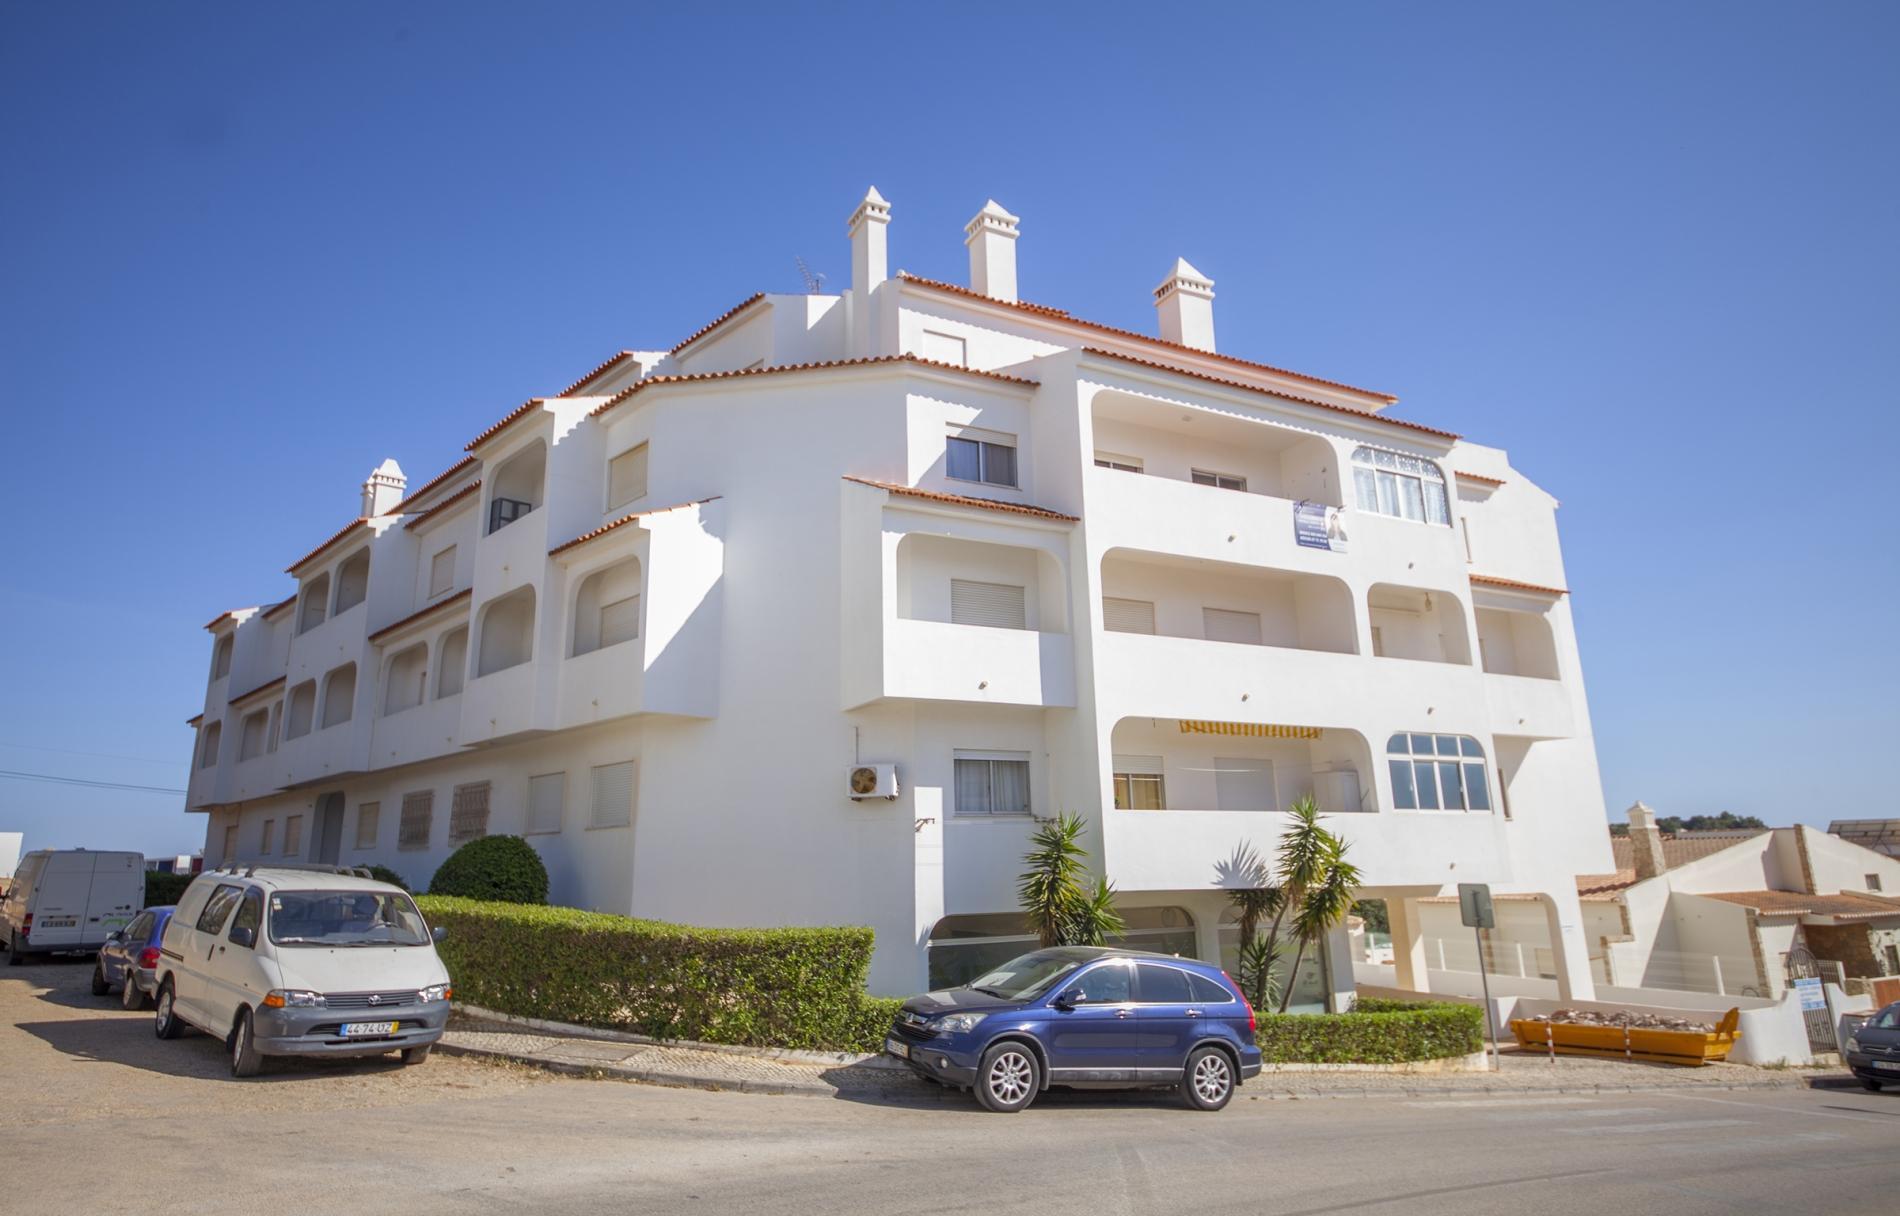 Apartment B01 - Alvor Marachique Apartment photo 22522588